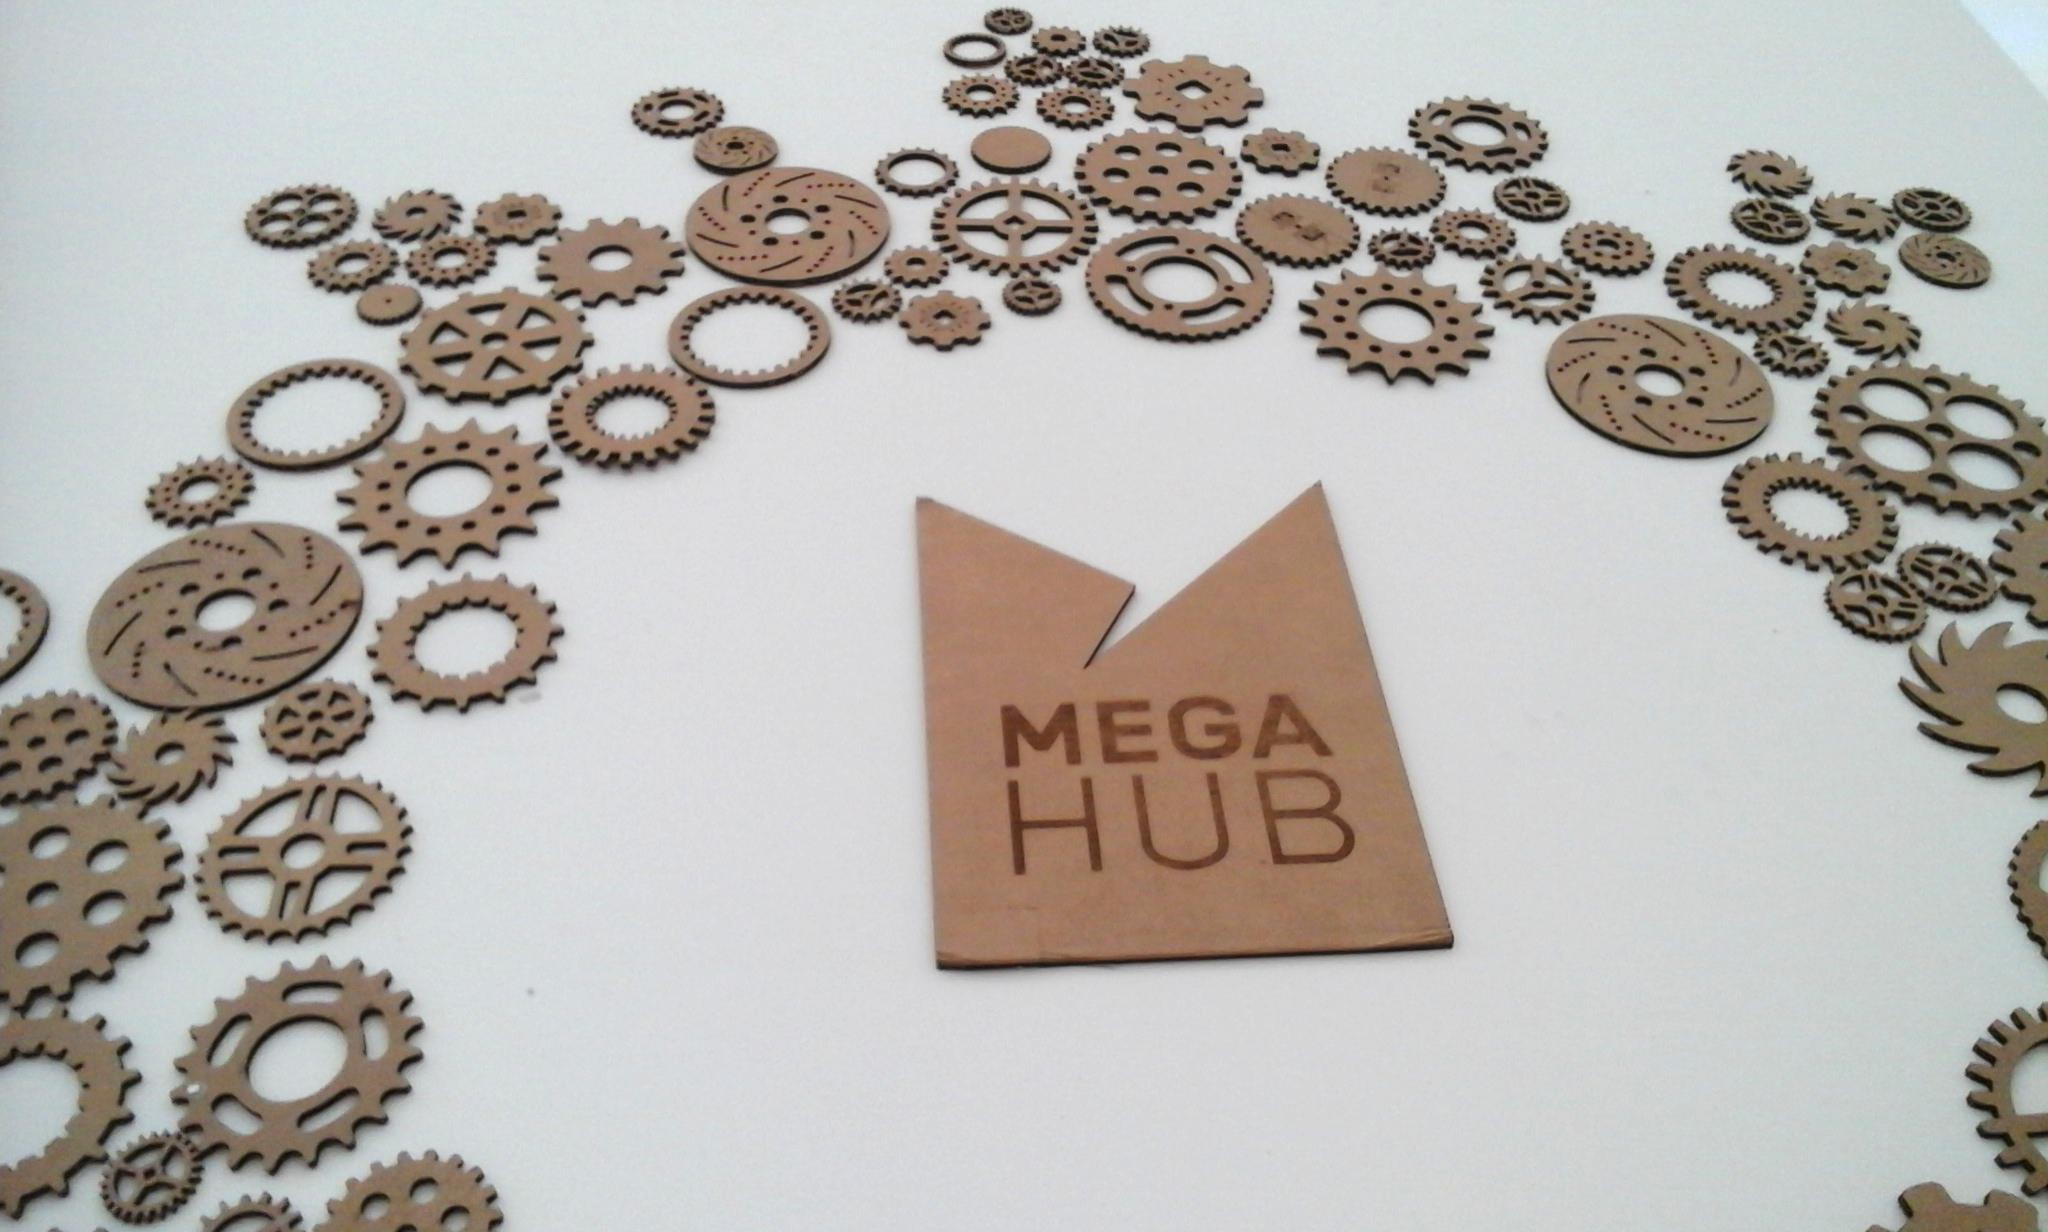 Megahub logo